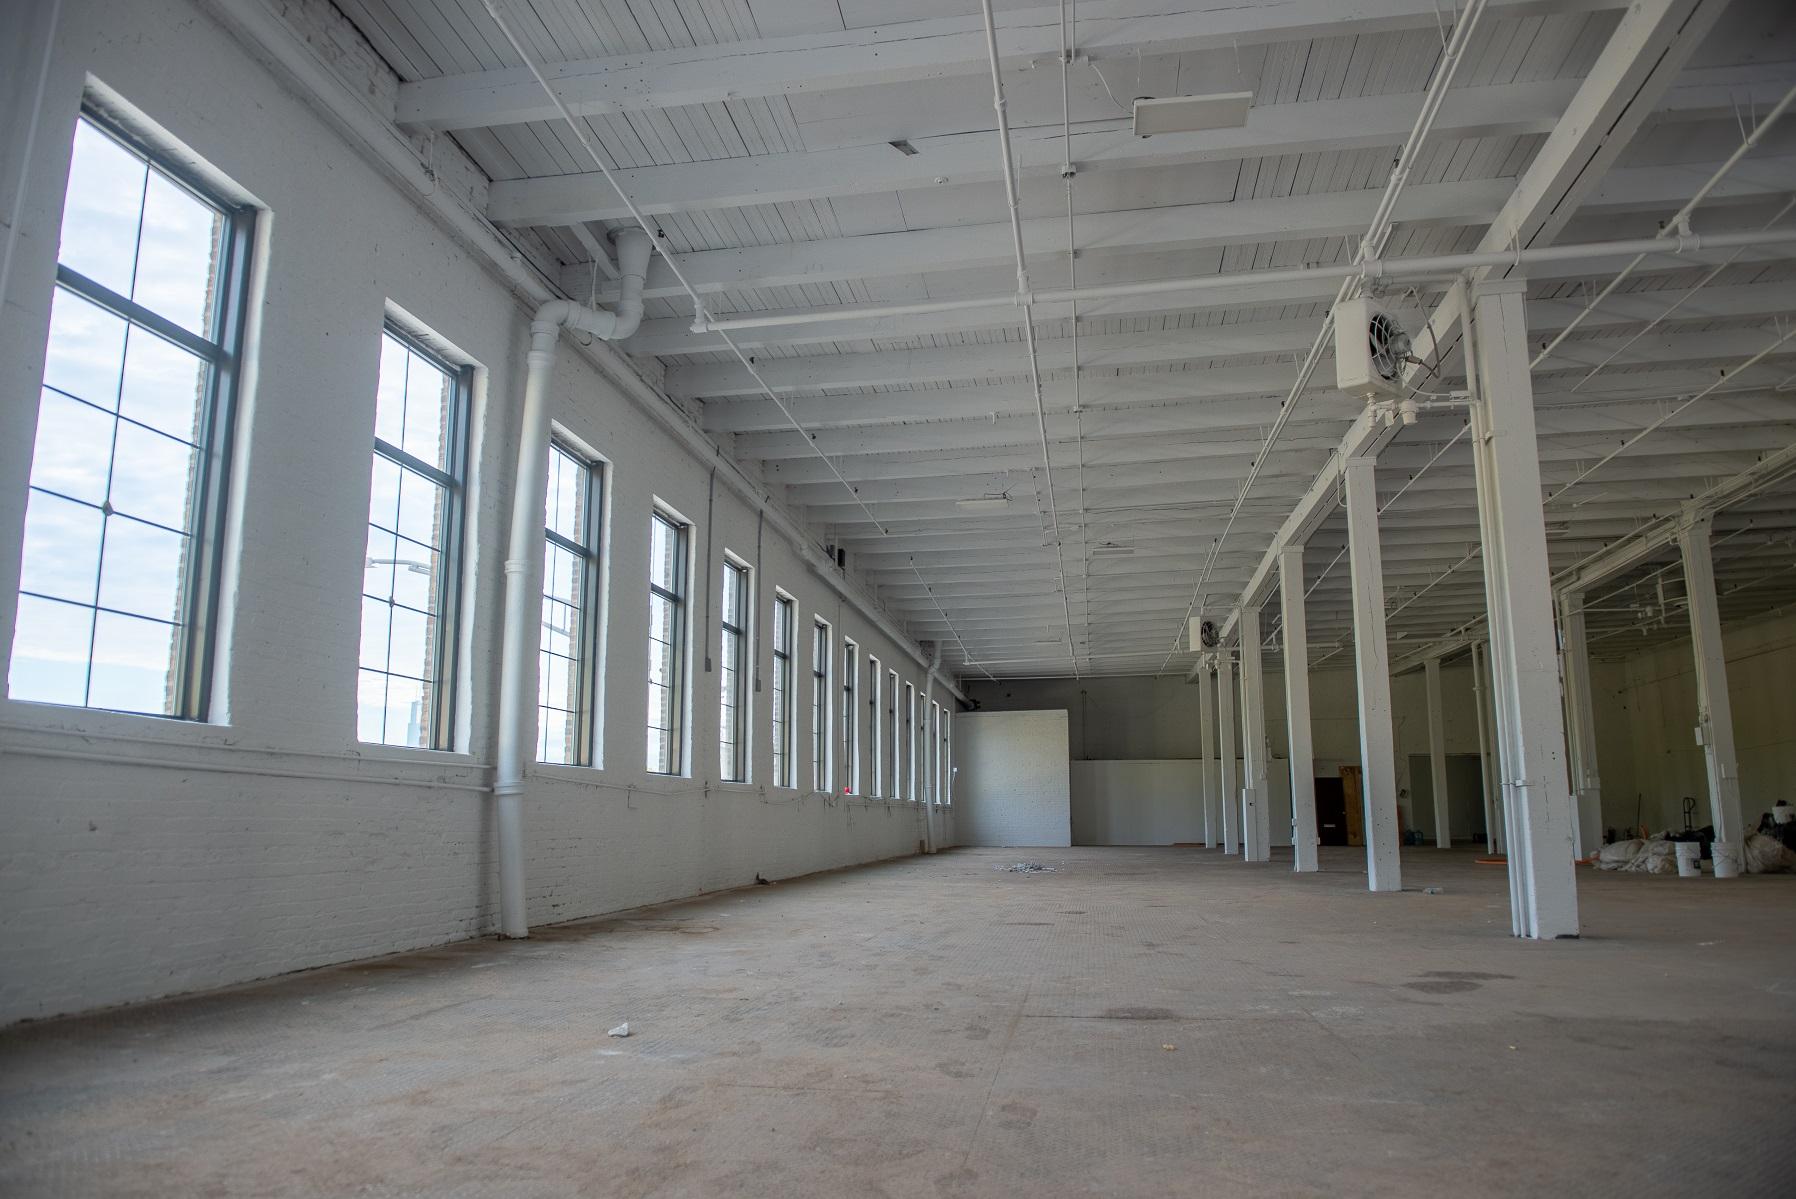 Hàng chục dự án khu công nghiệp được phê duyệt trong 6 tháng đầu năm - Ảnh 1.